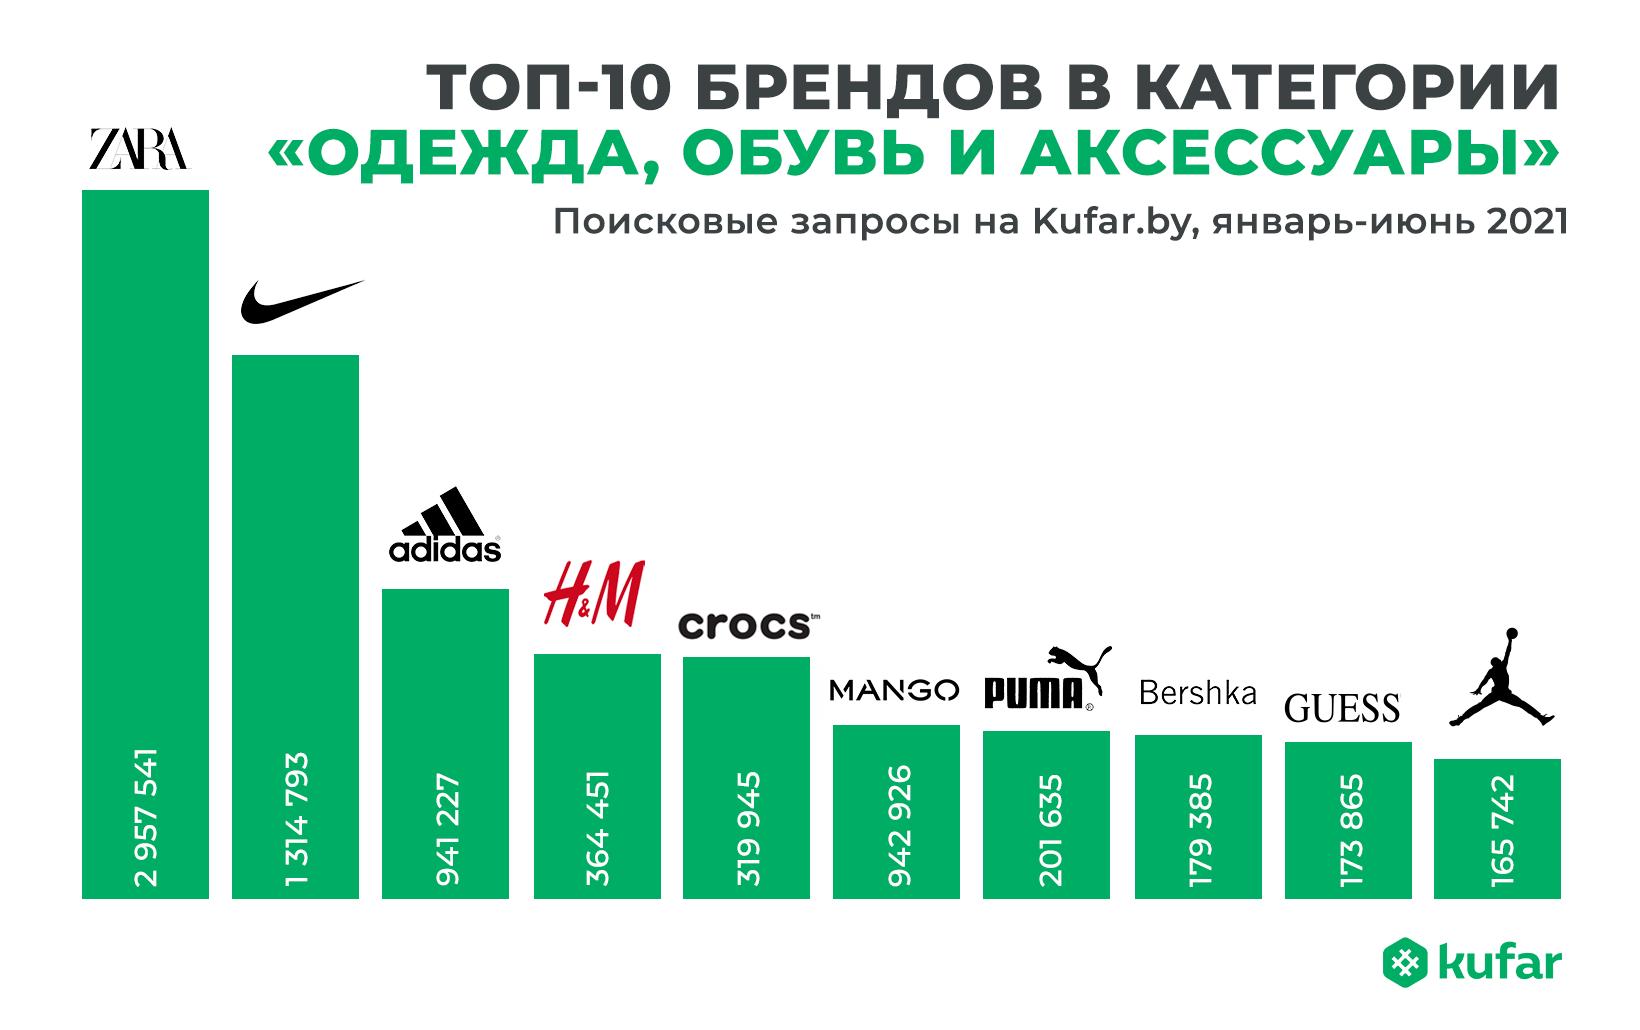 Что носят белорусы: самые популярные вещи, размеры и цвета 3